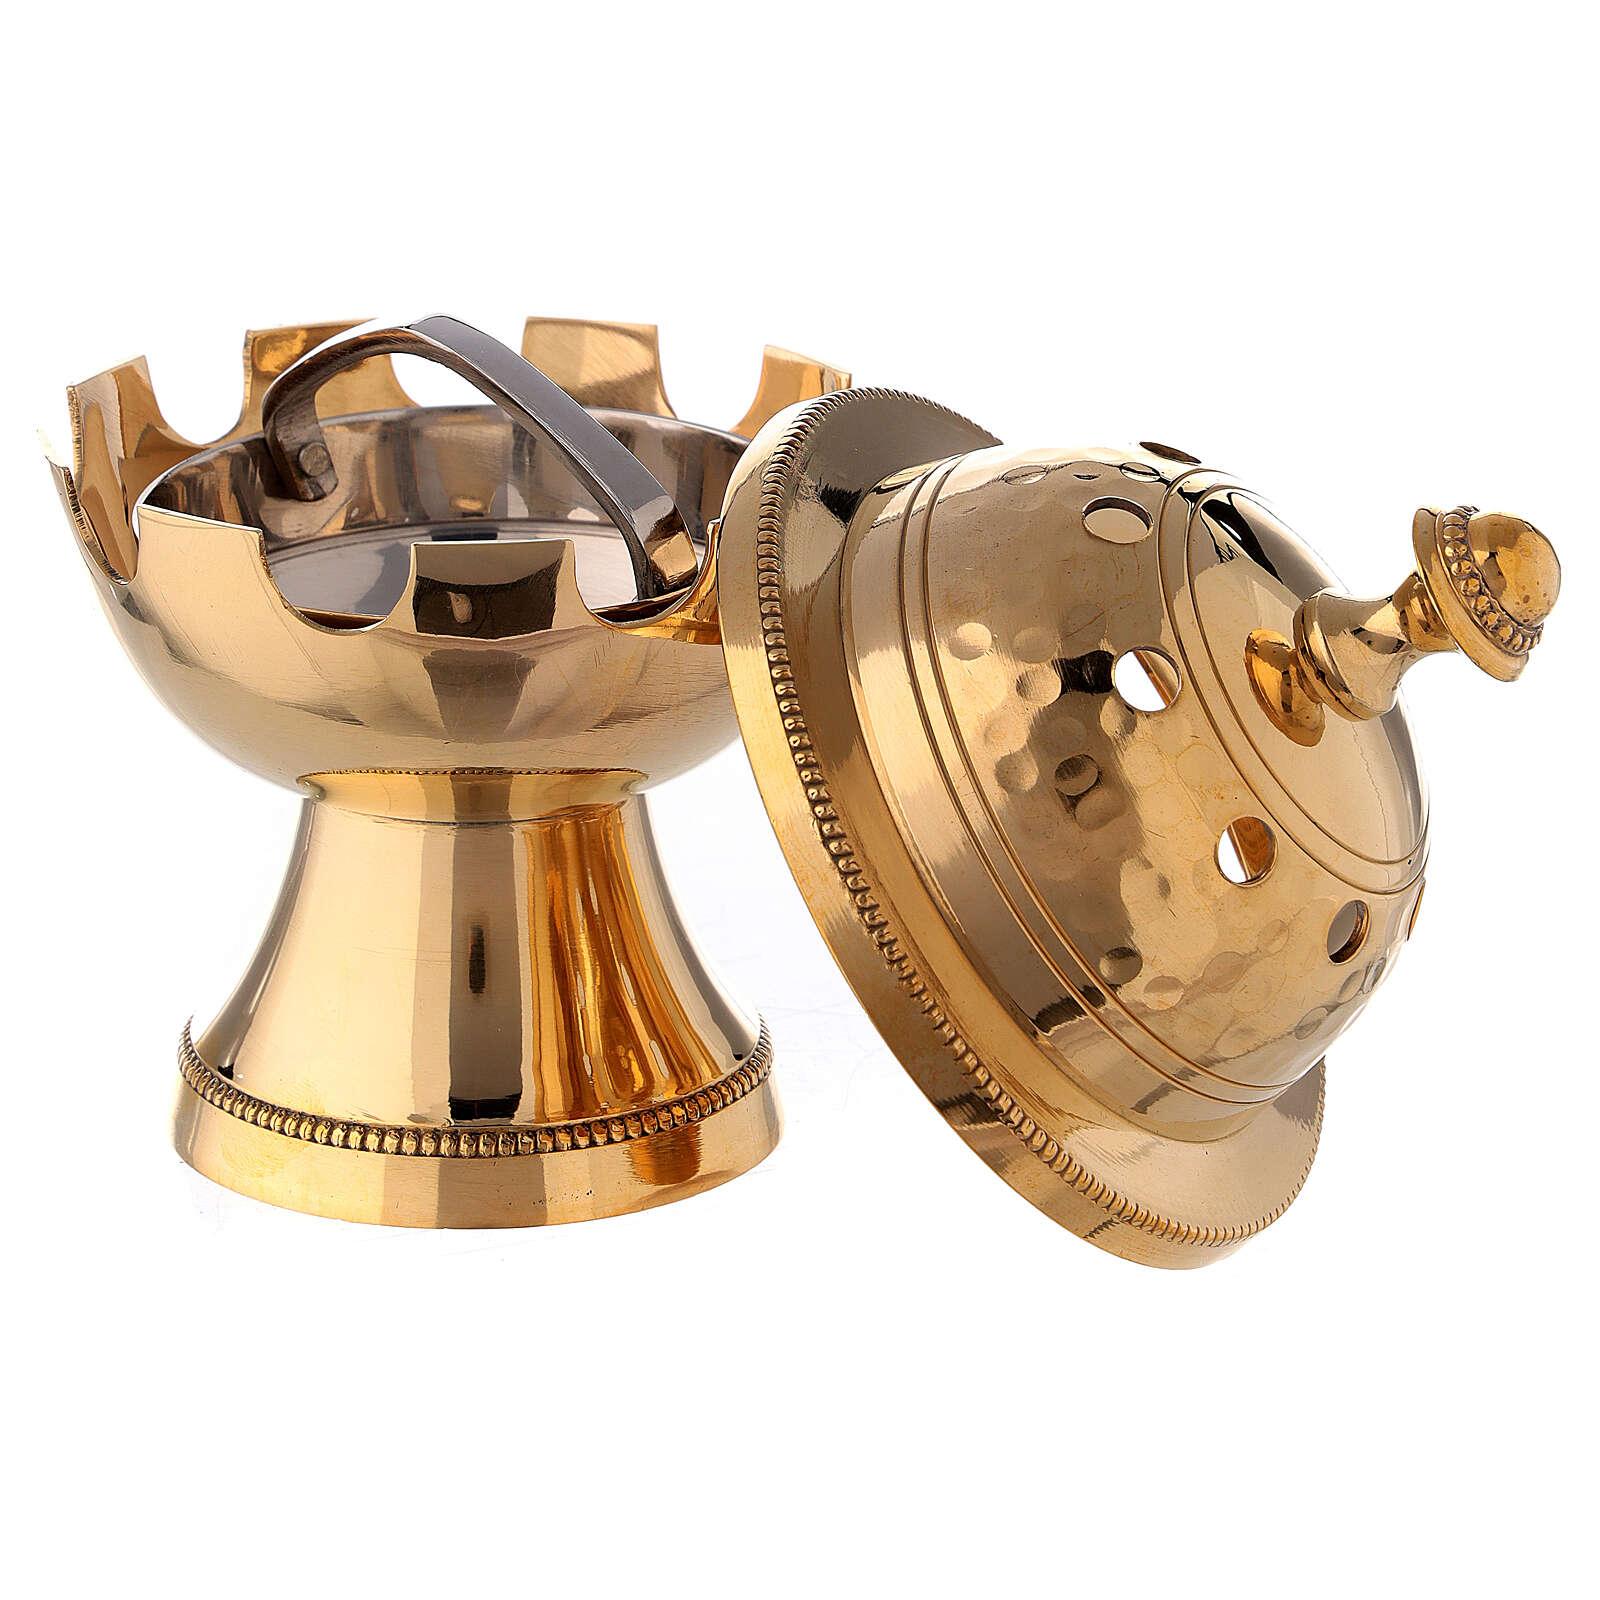 Bruciaincenso ottone dorato decori martellati h 13 cm 3